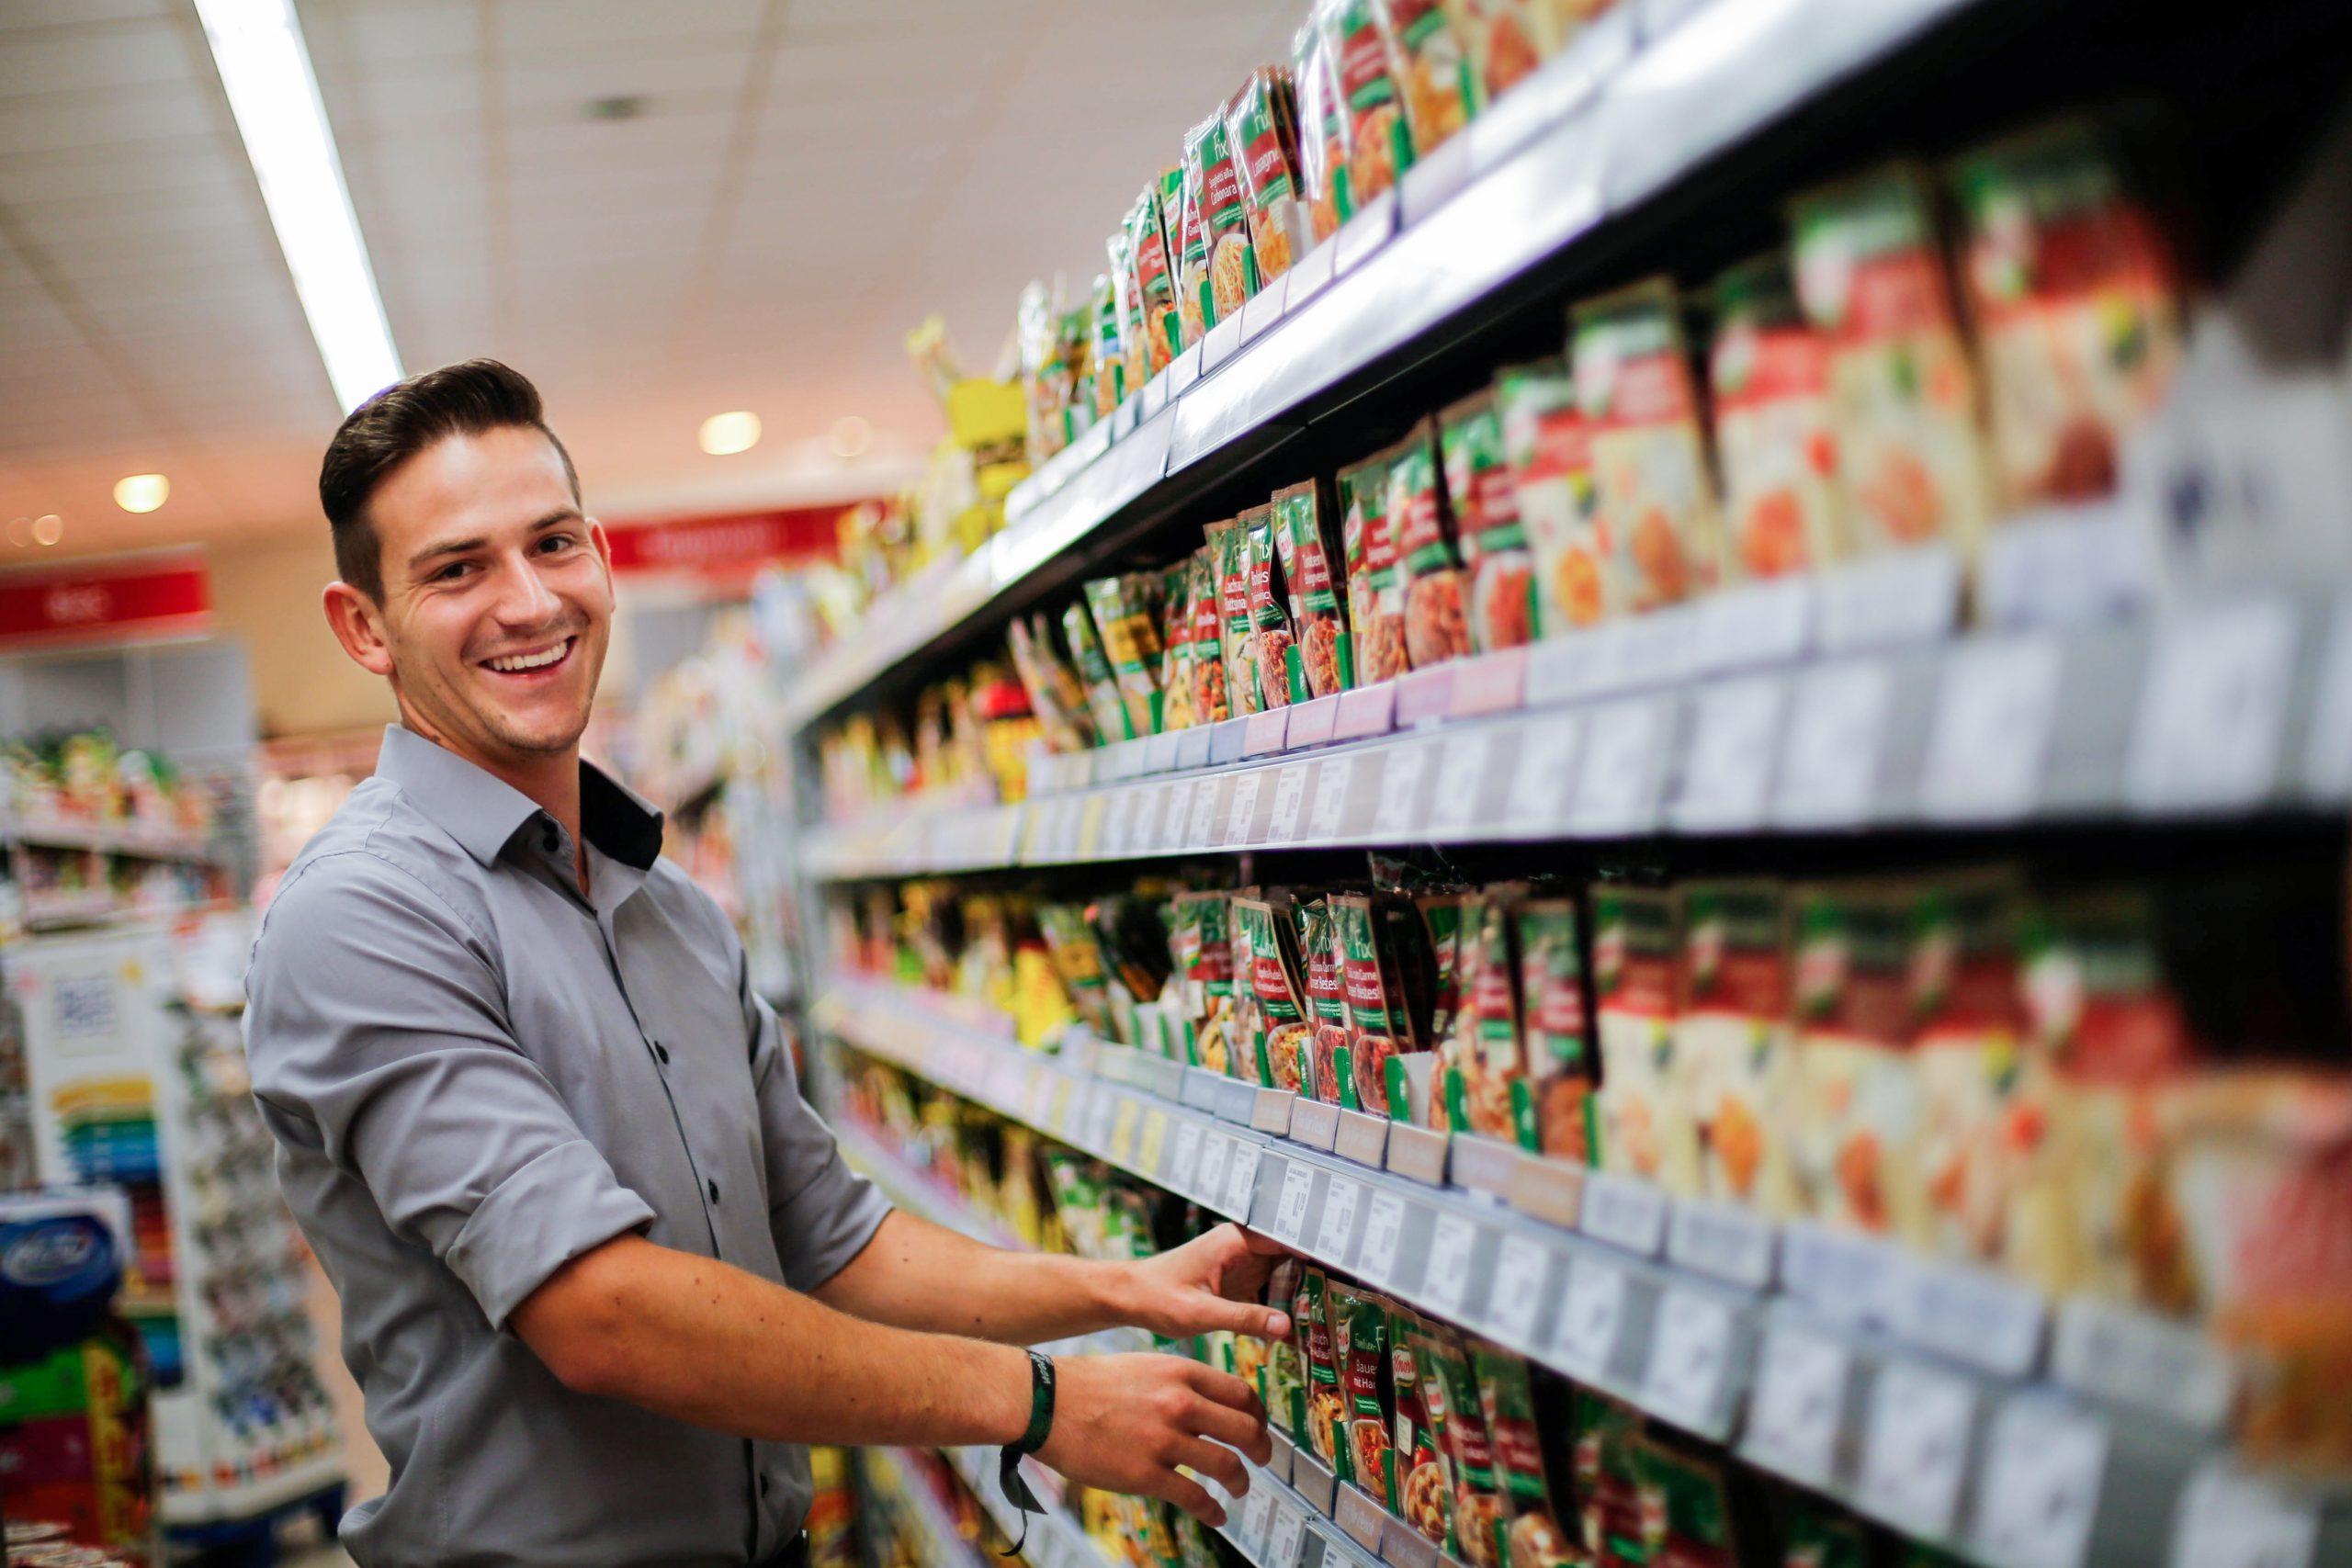 Ein Mitarbeiter steht am Regal zur Warendisposition und lächelt